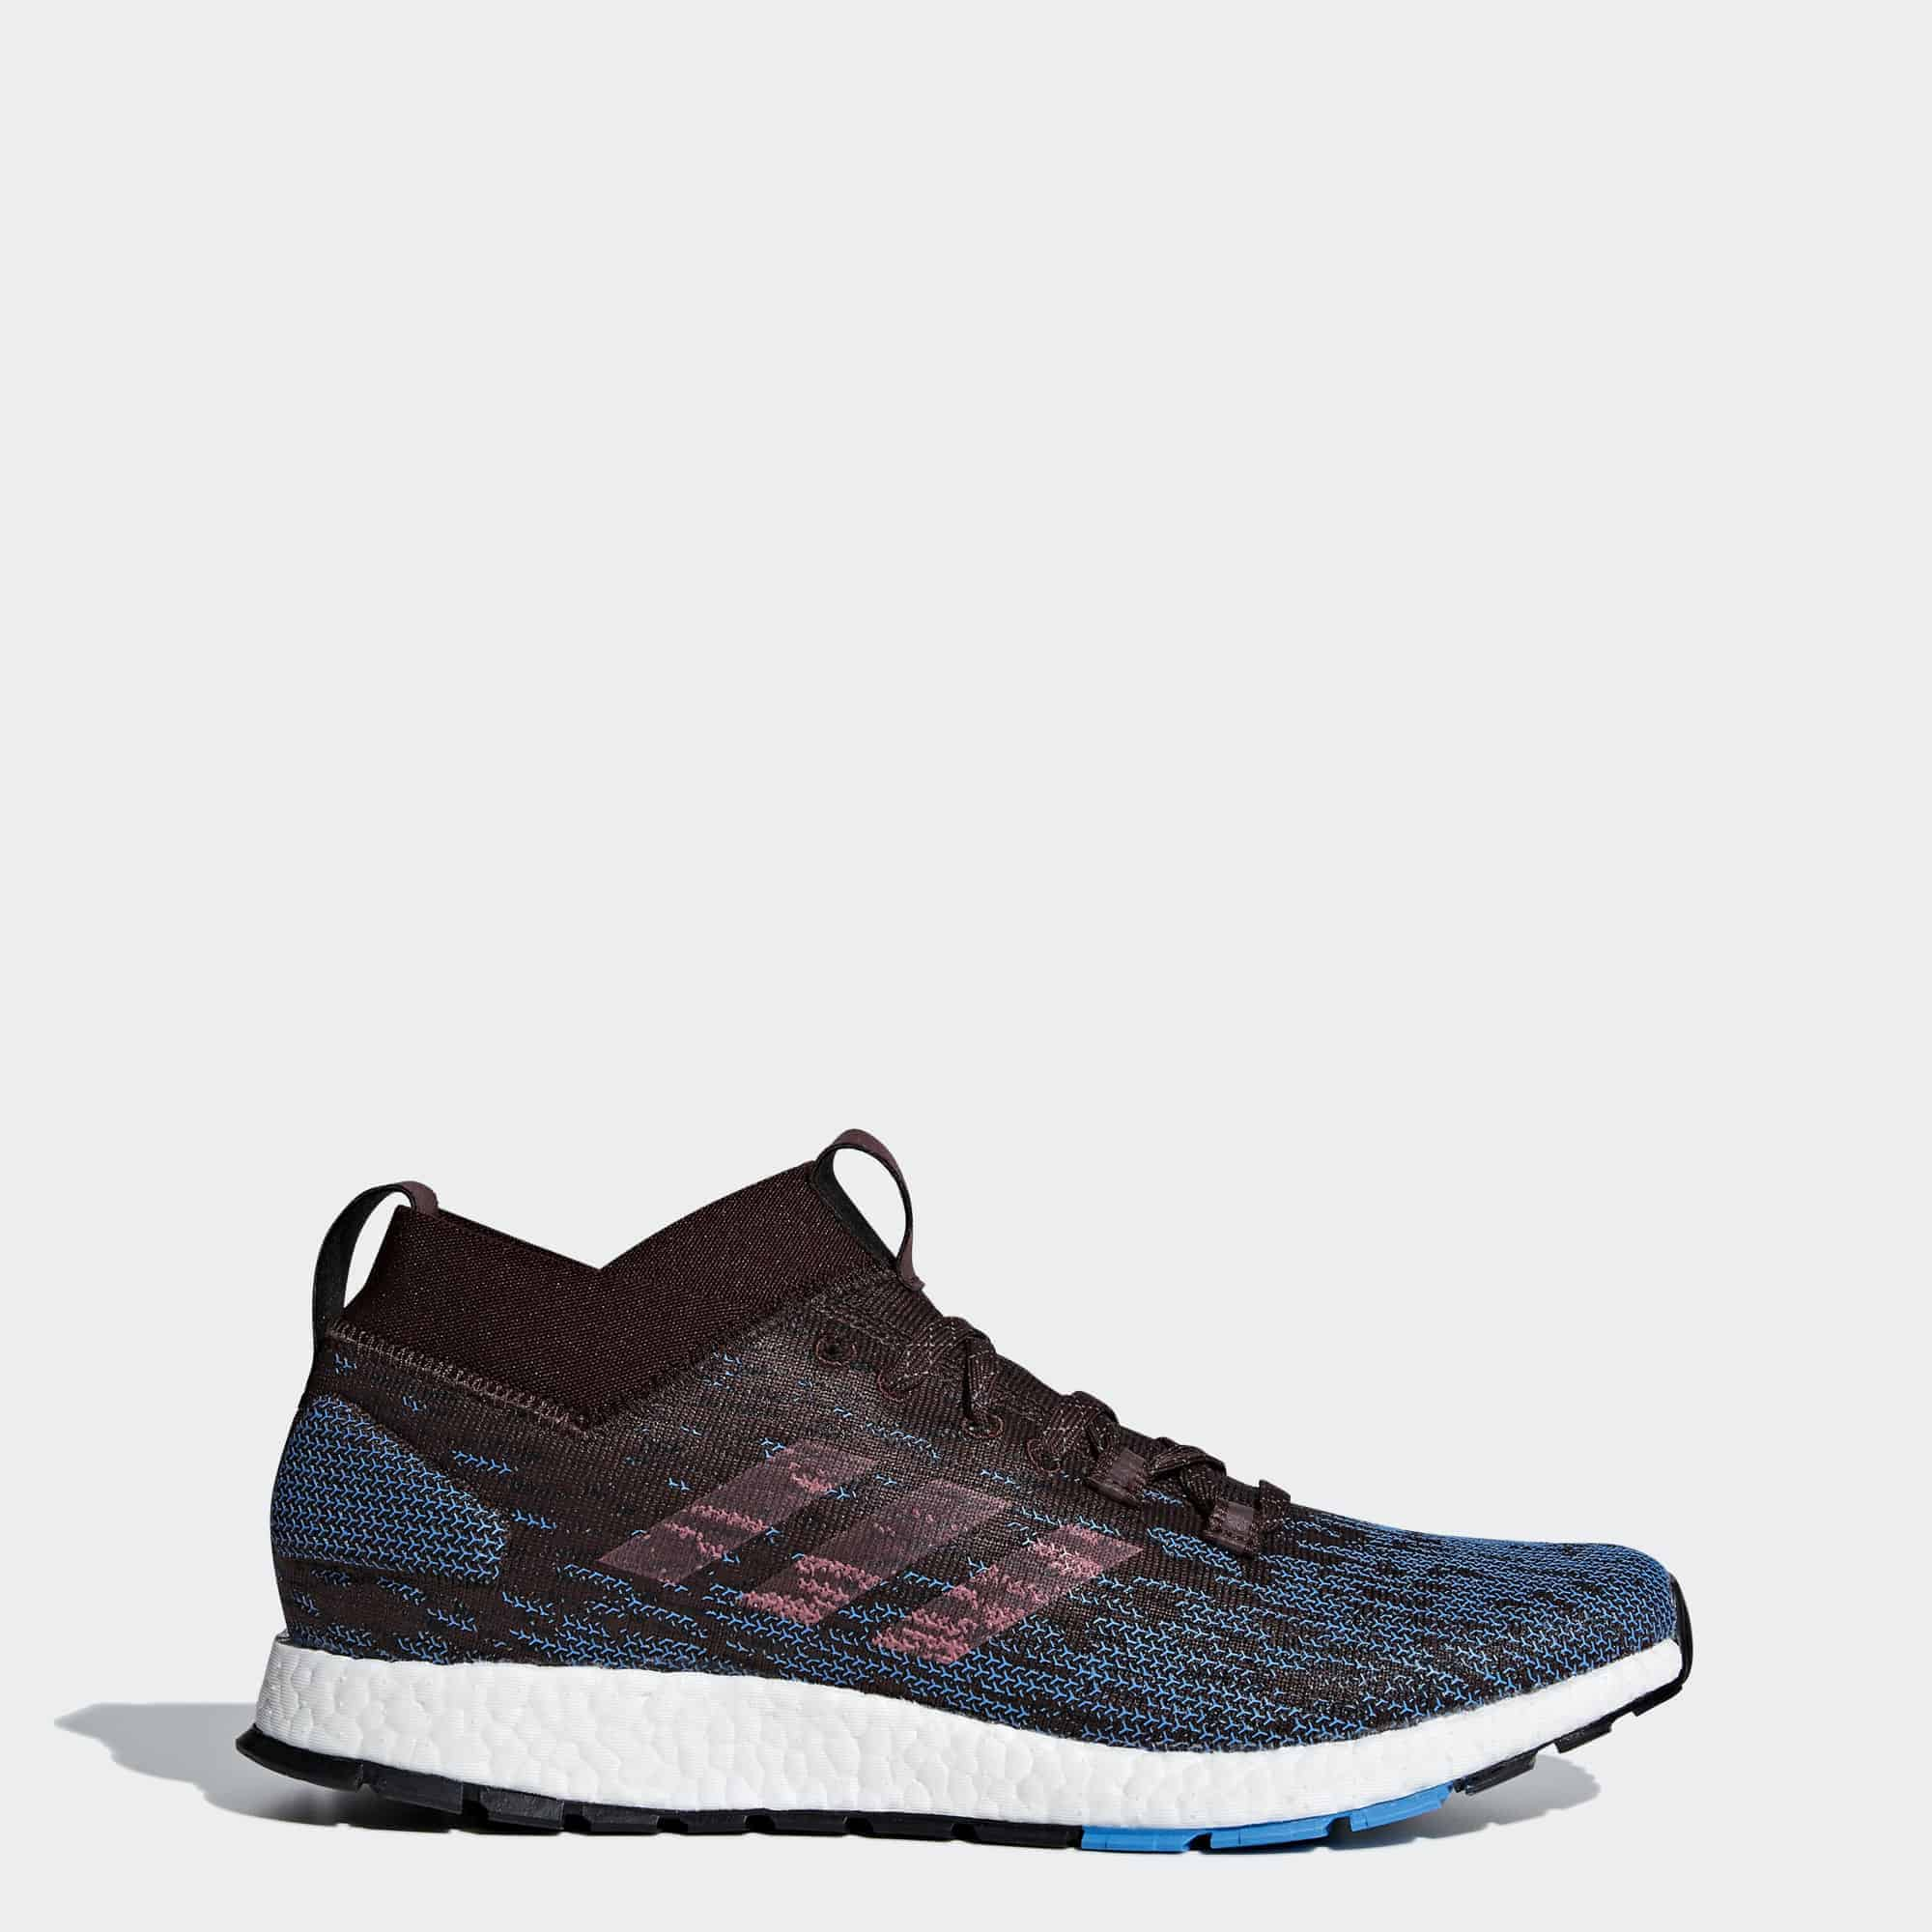 Кроссовки для бега Adidas Pureboost RBL мужские